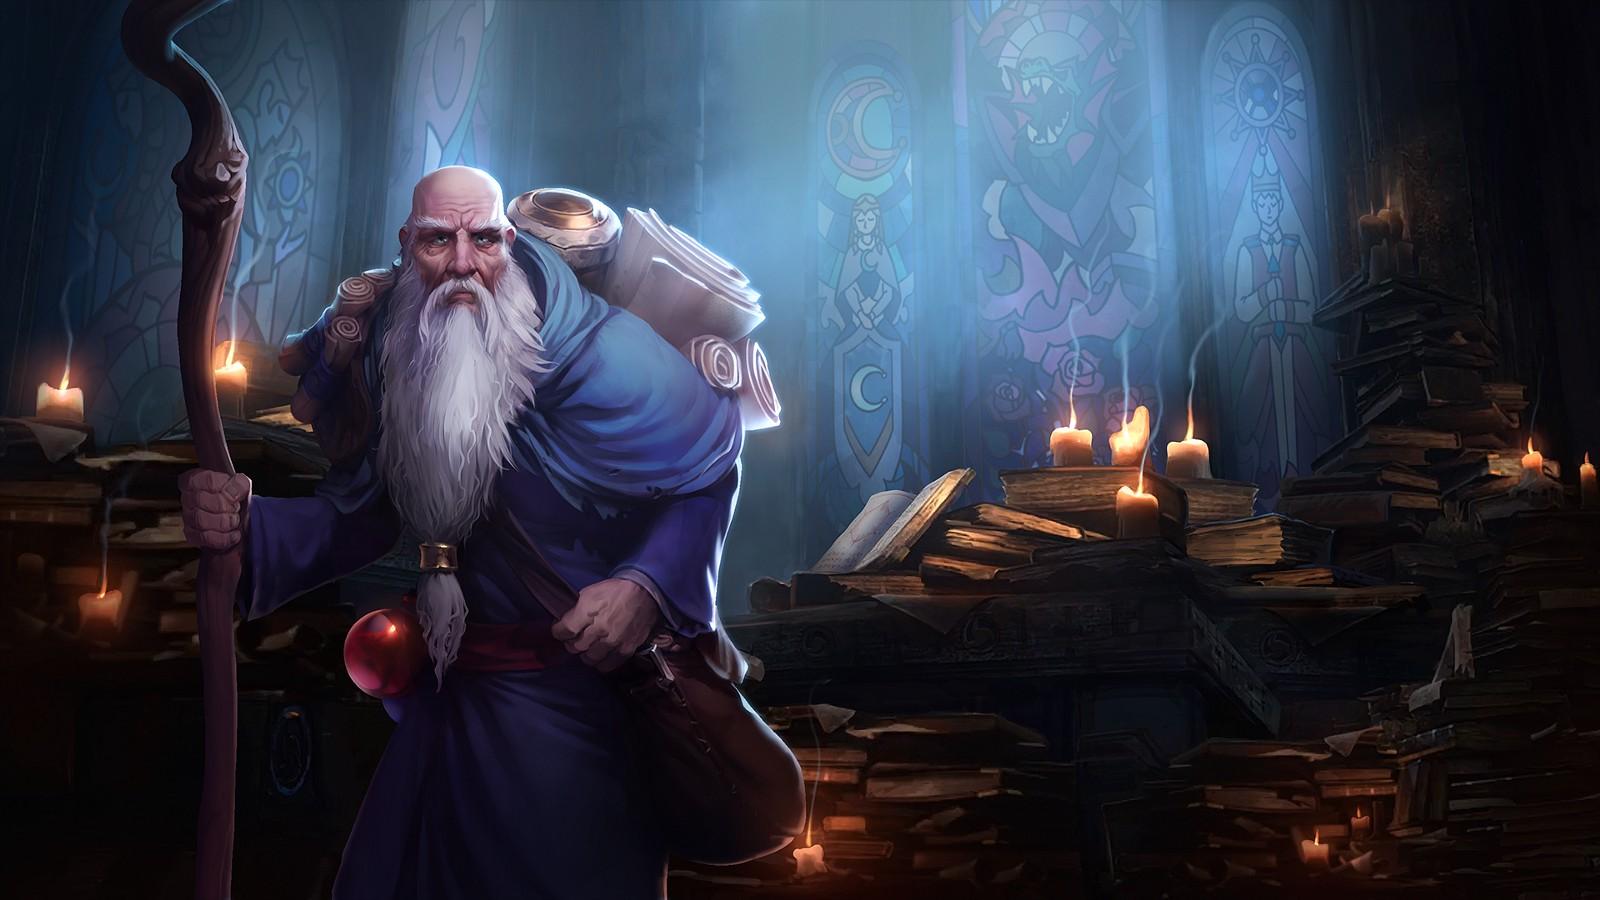 The Darkening of Tristram event returns to Diablo 3